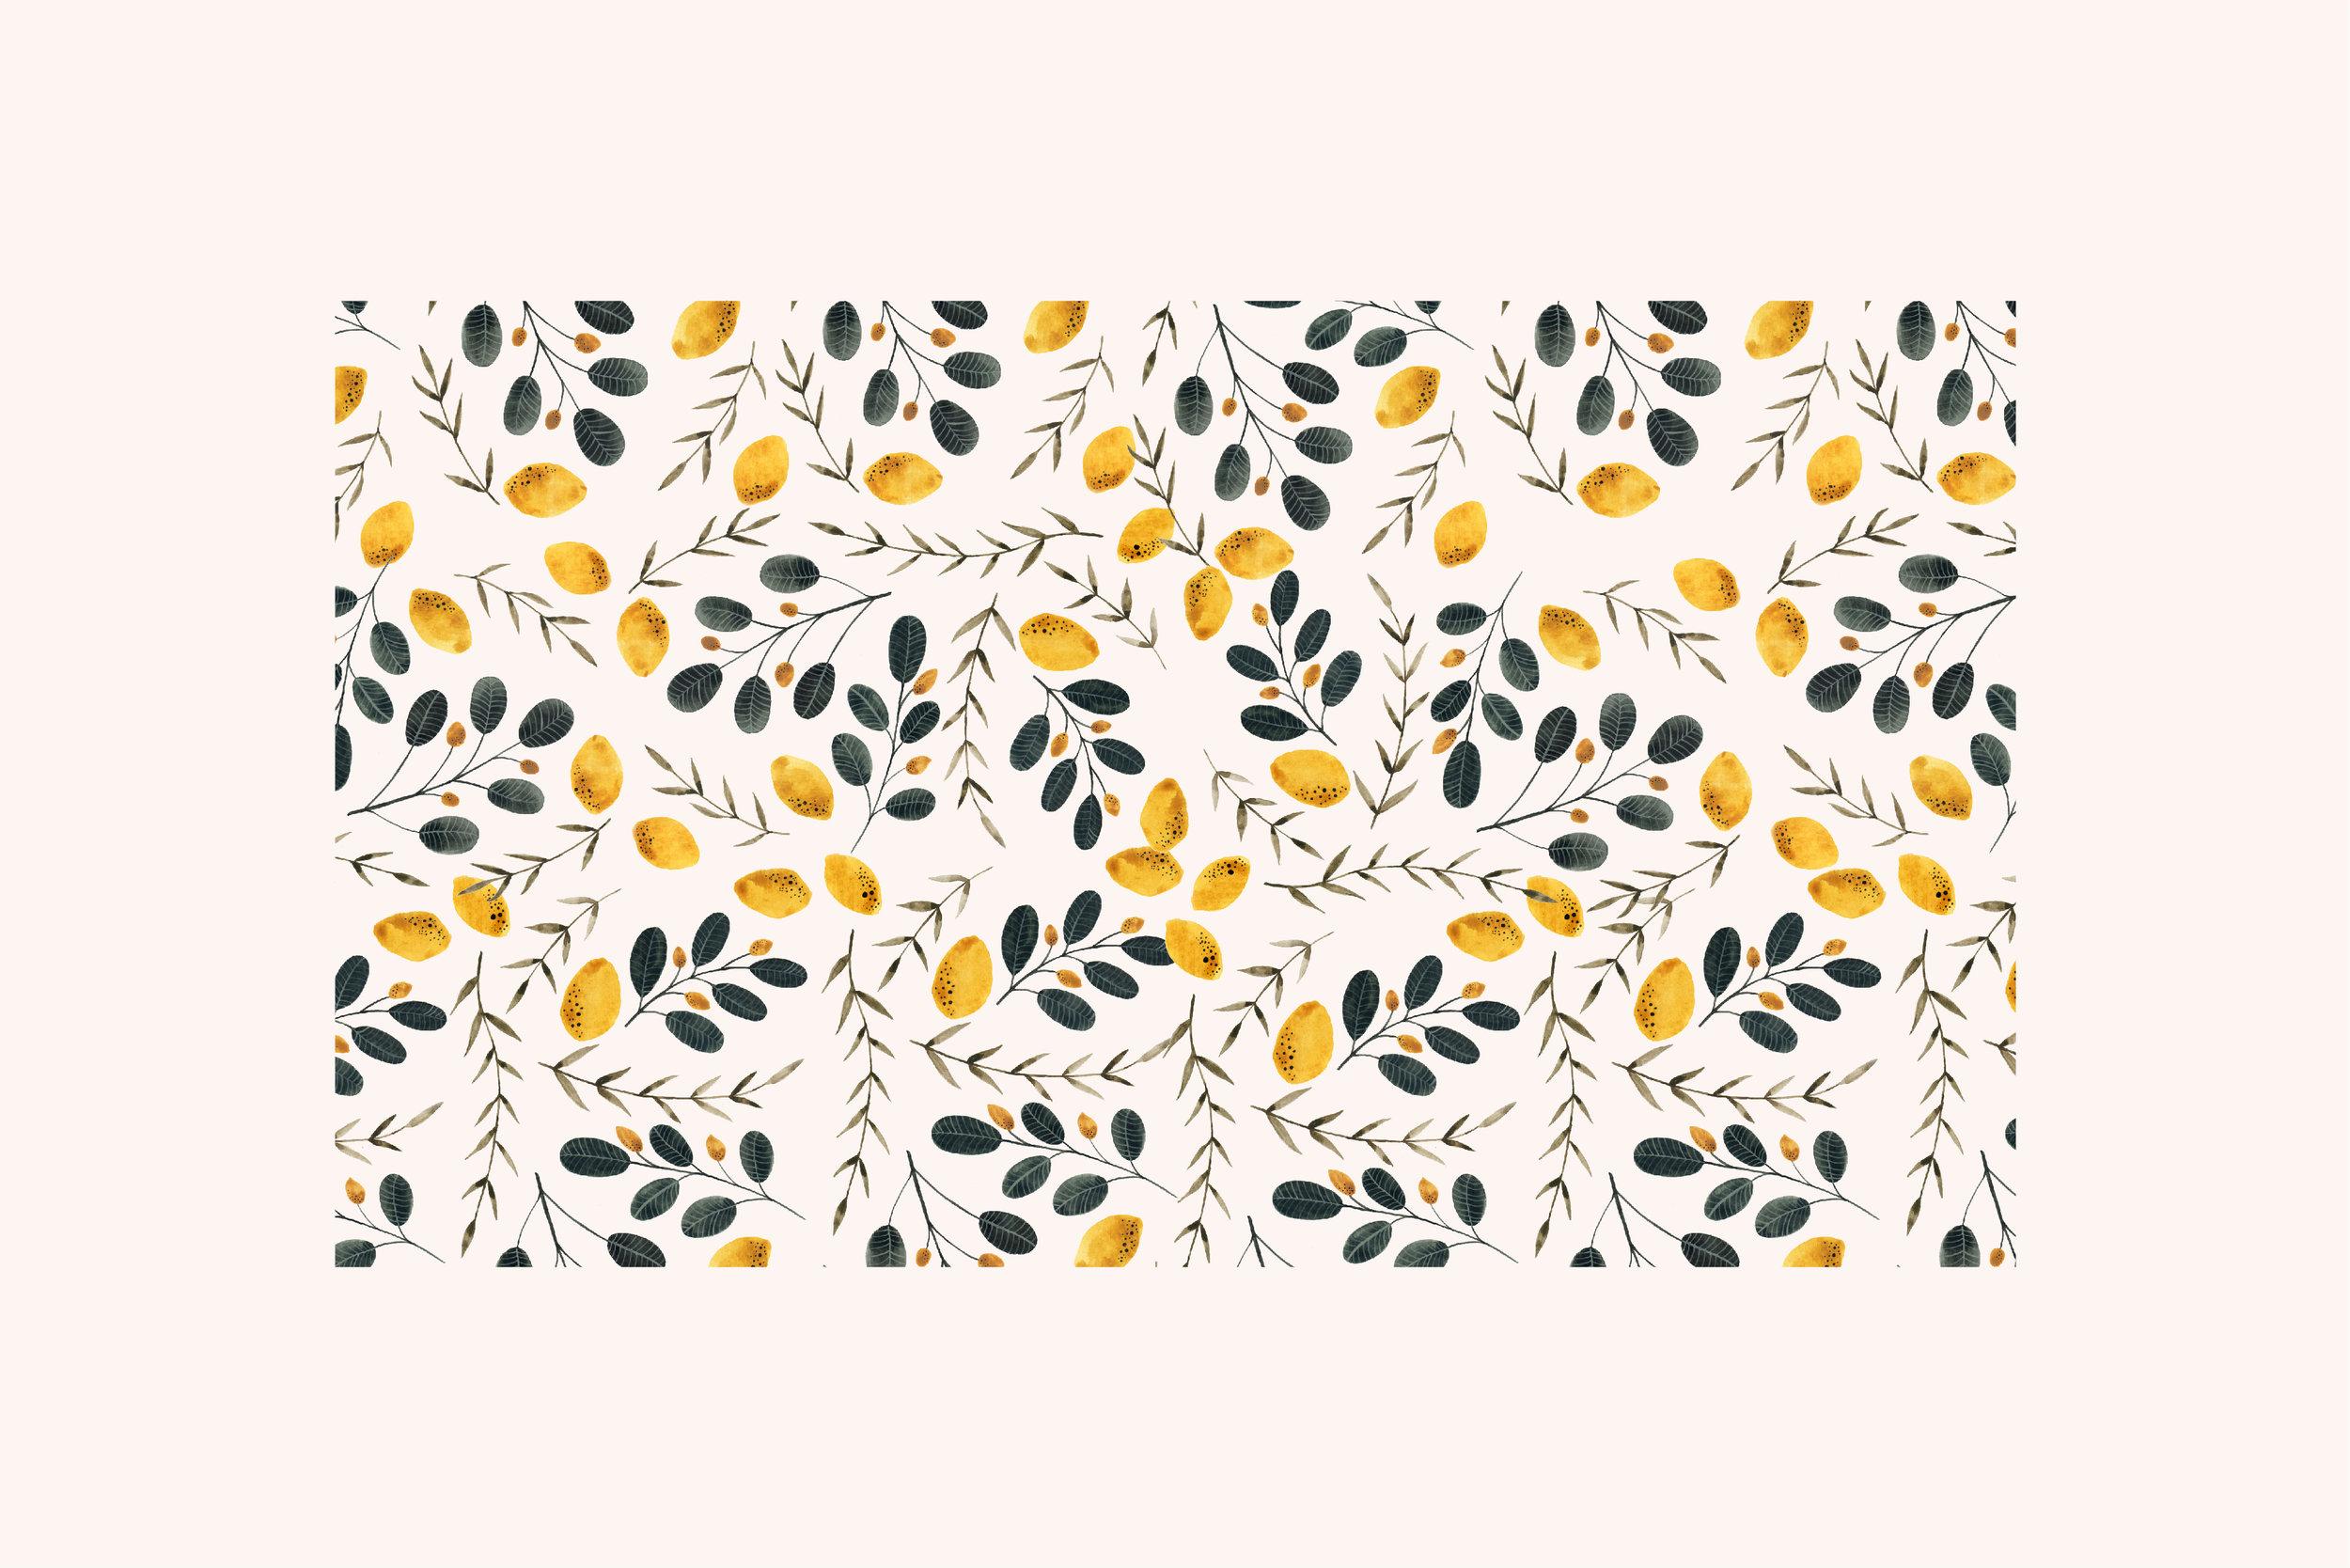 Wilkie_maryclarewilkie-Lemon-pattern-watercolour-08.jpg